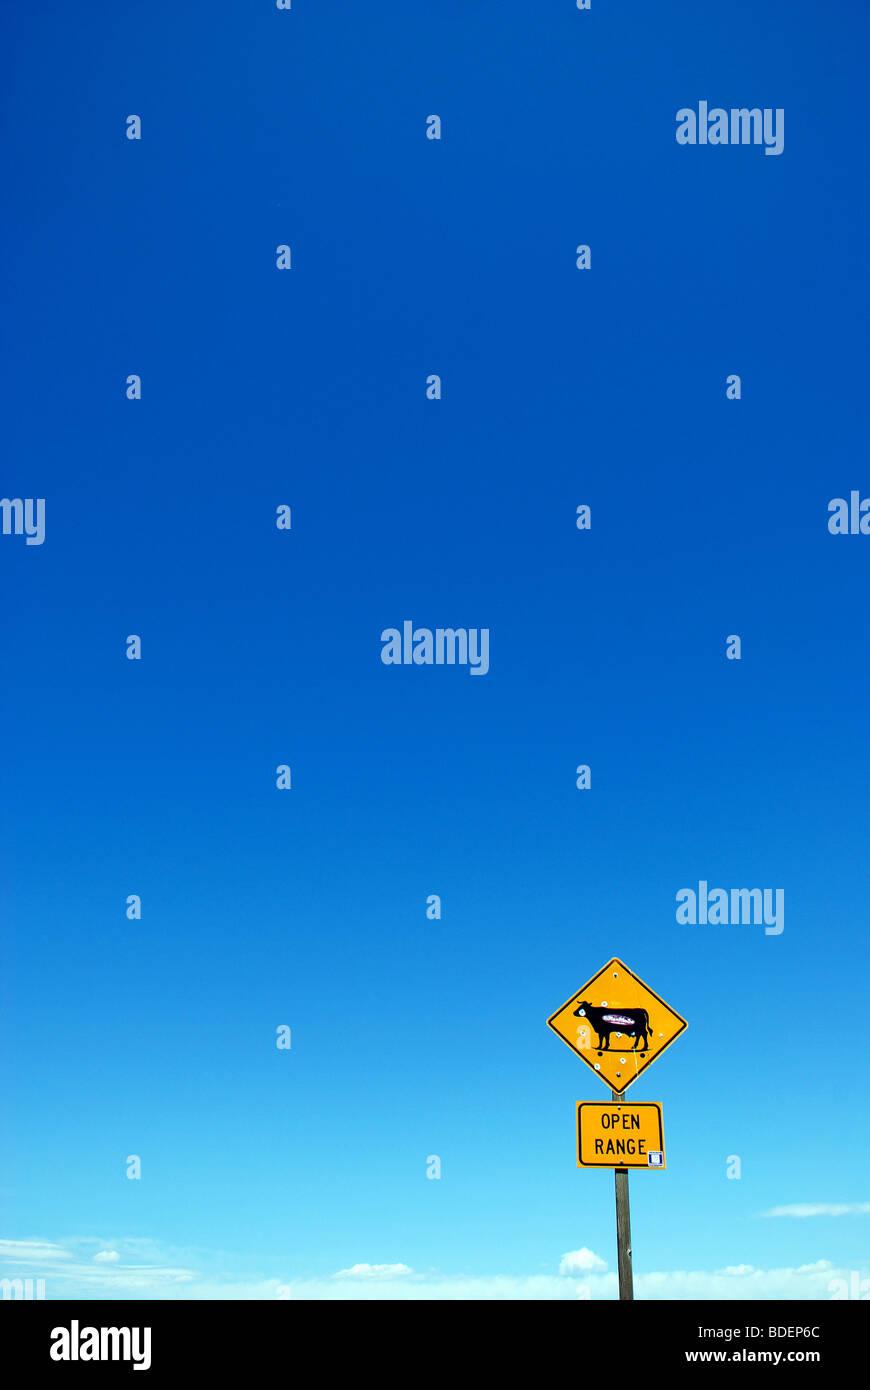 """Gelbe """"Open Range"""" Verkehrszeichen mit Einschusslöchern gegen klaren blauen Himmel. Stockbild"""